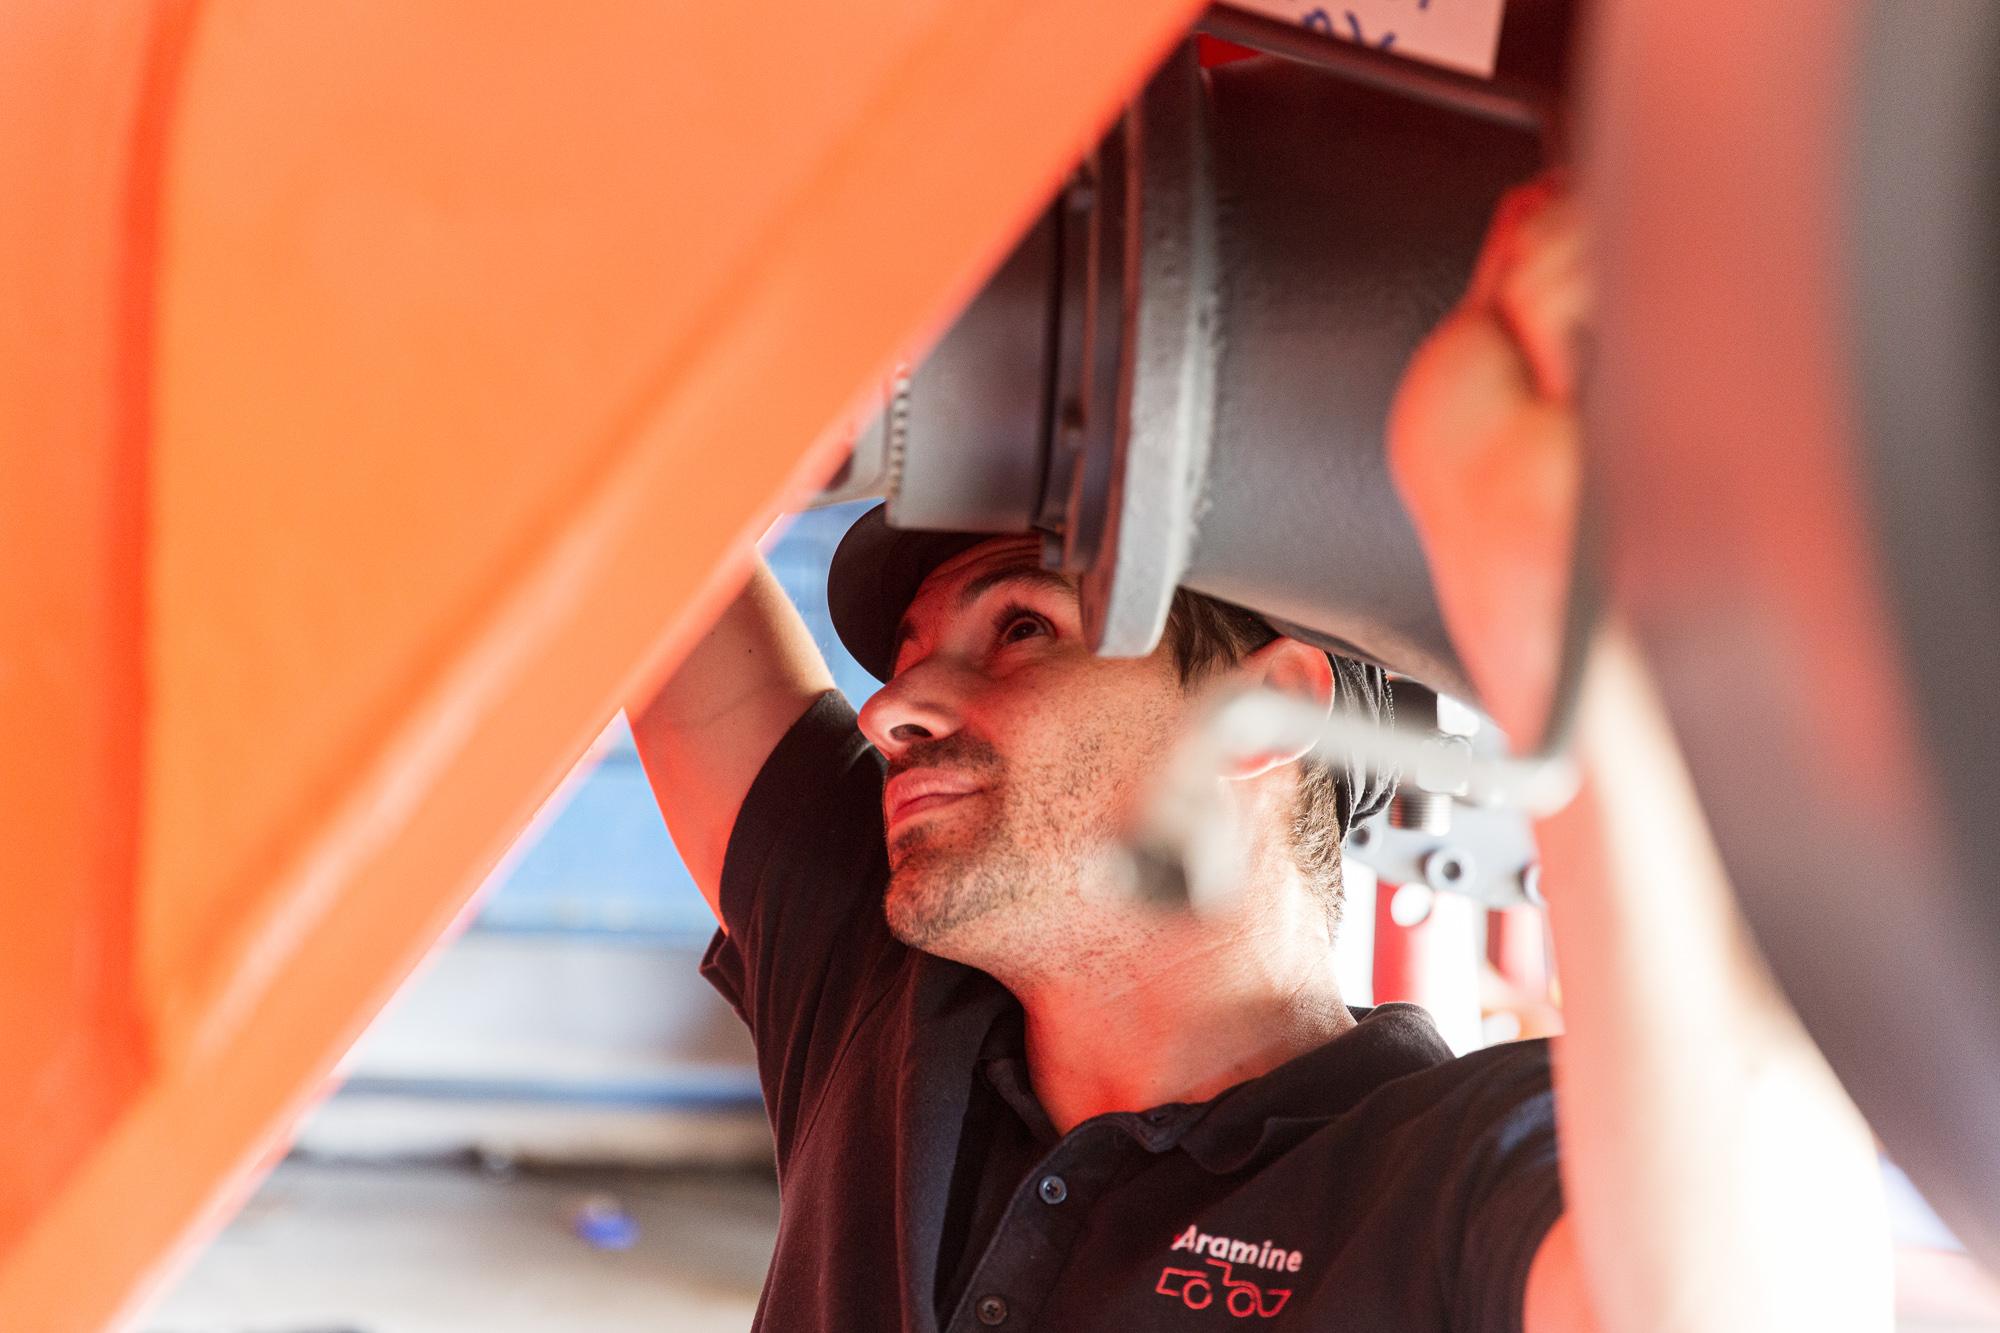 Un mécanicien en-dessous d'un véhicule travaille à sa réparation